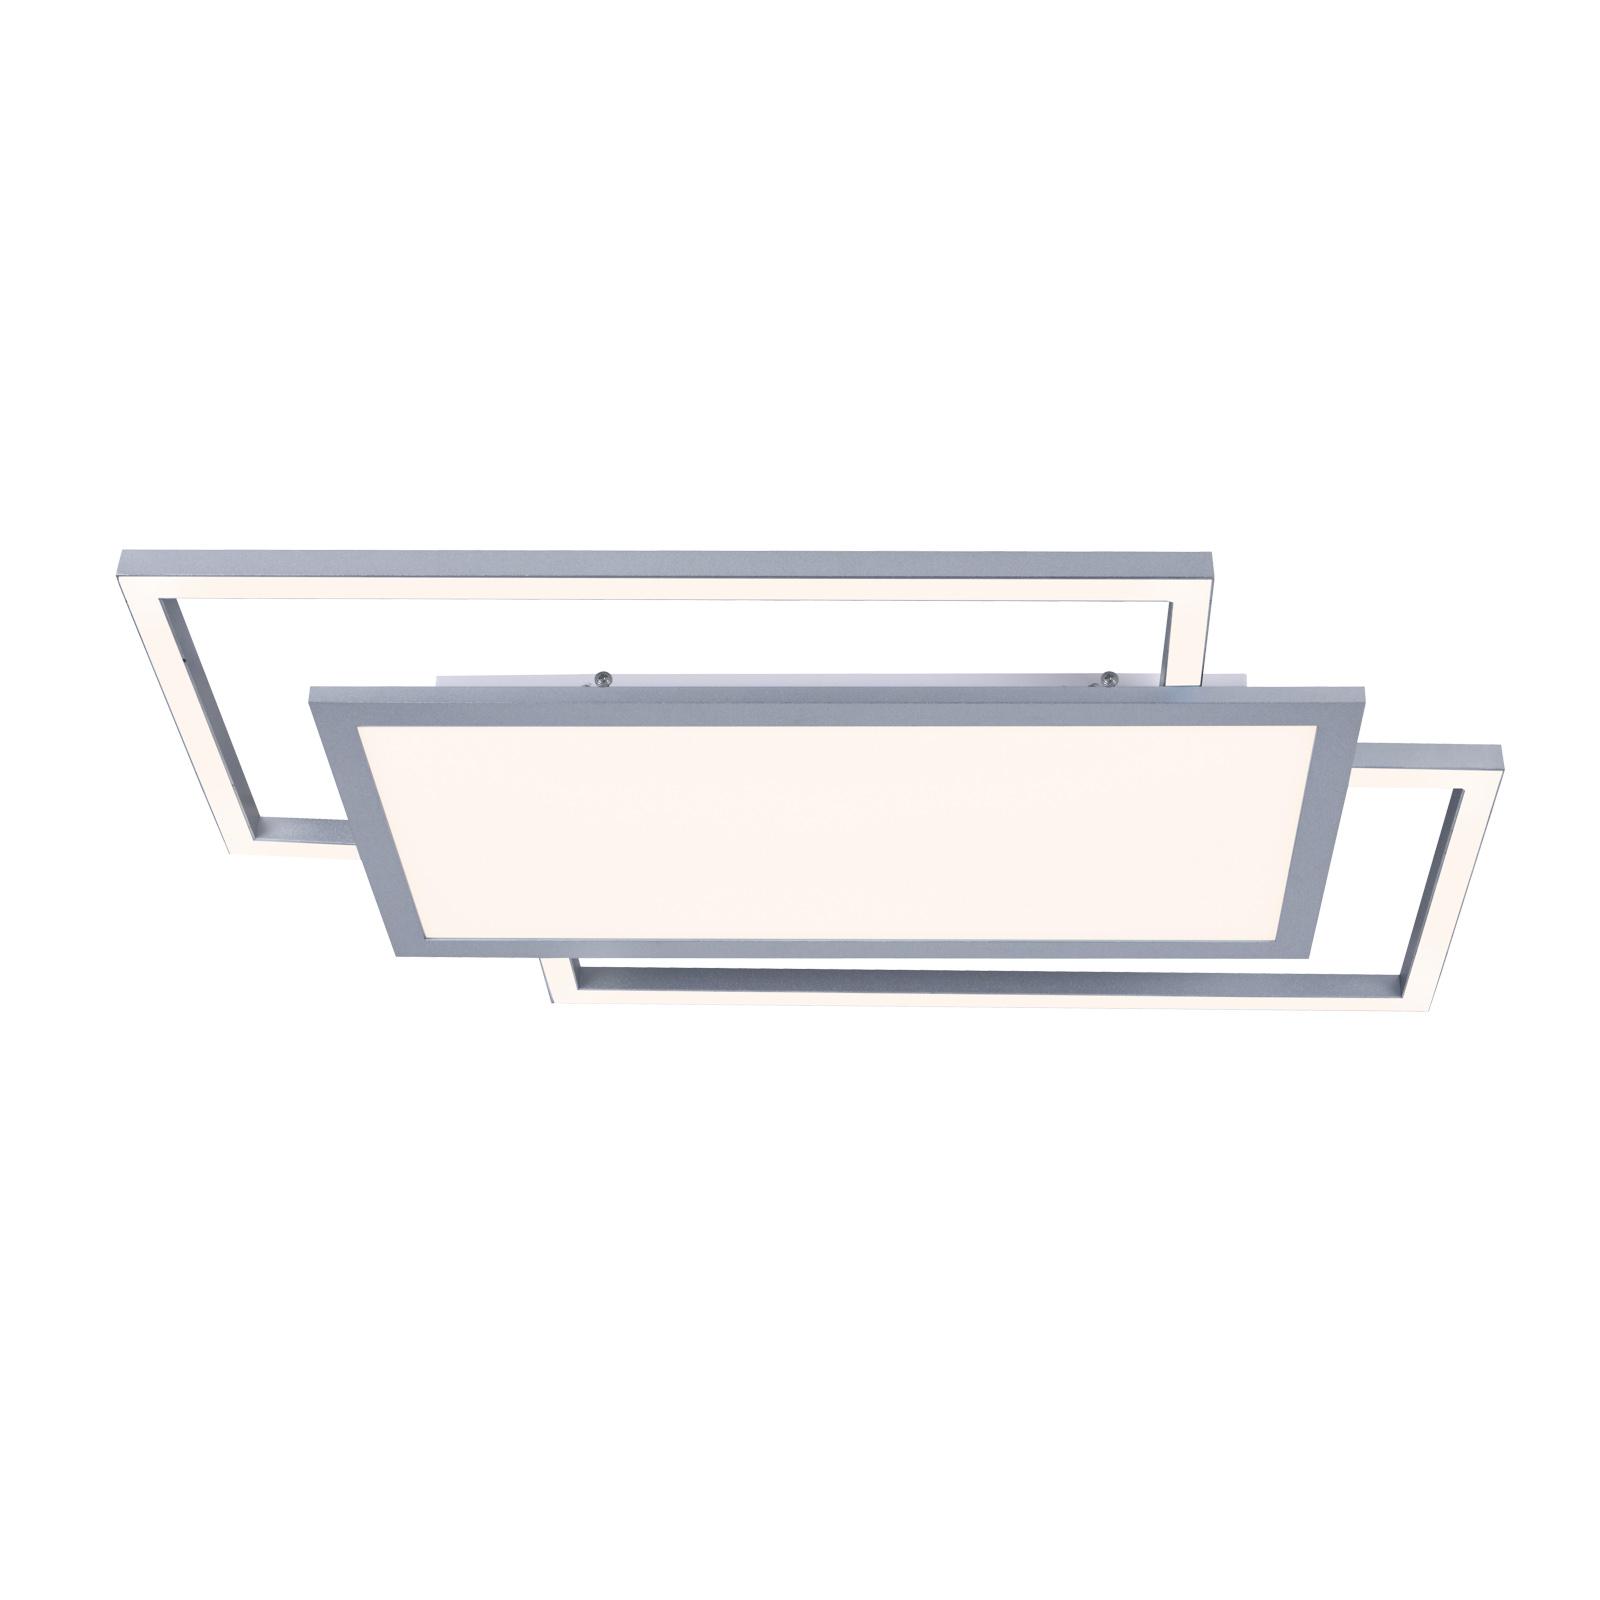 Lucande Ciaran LED plafondlamp, rechthoeken, CCT